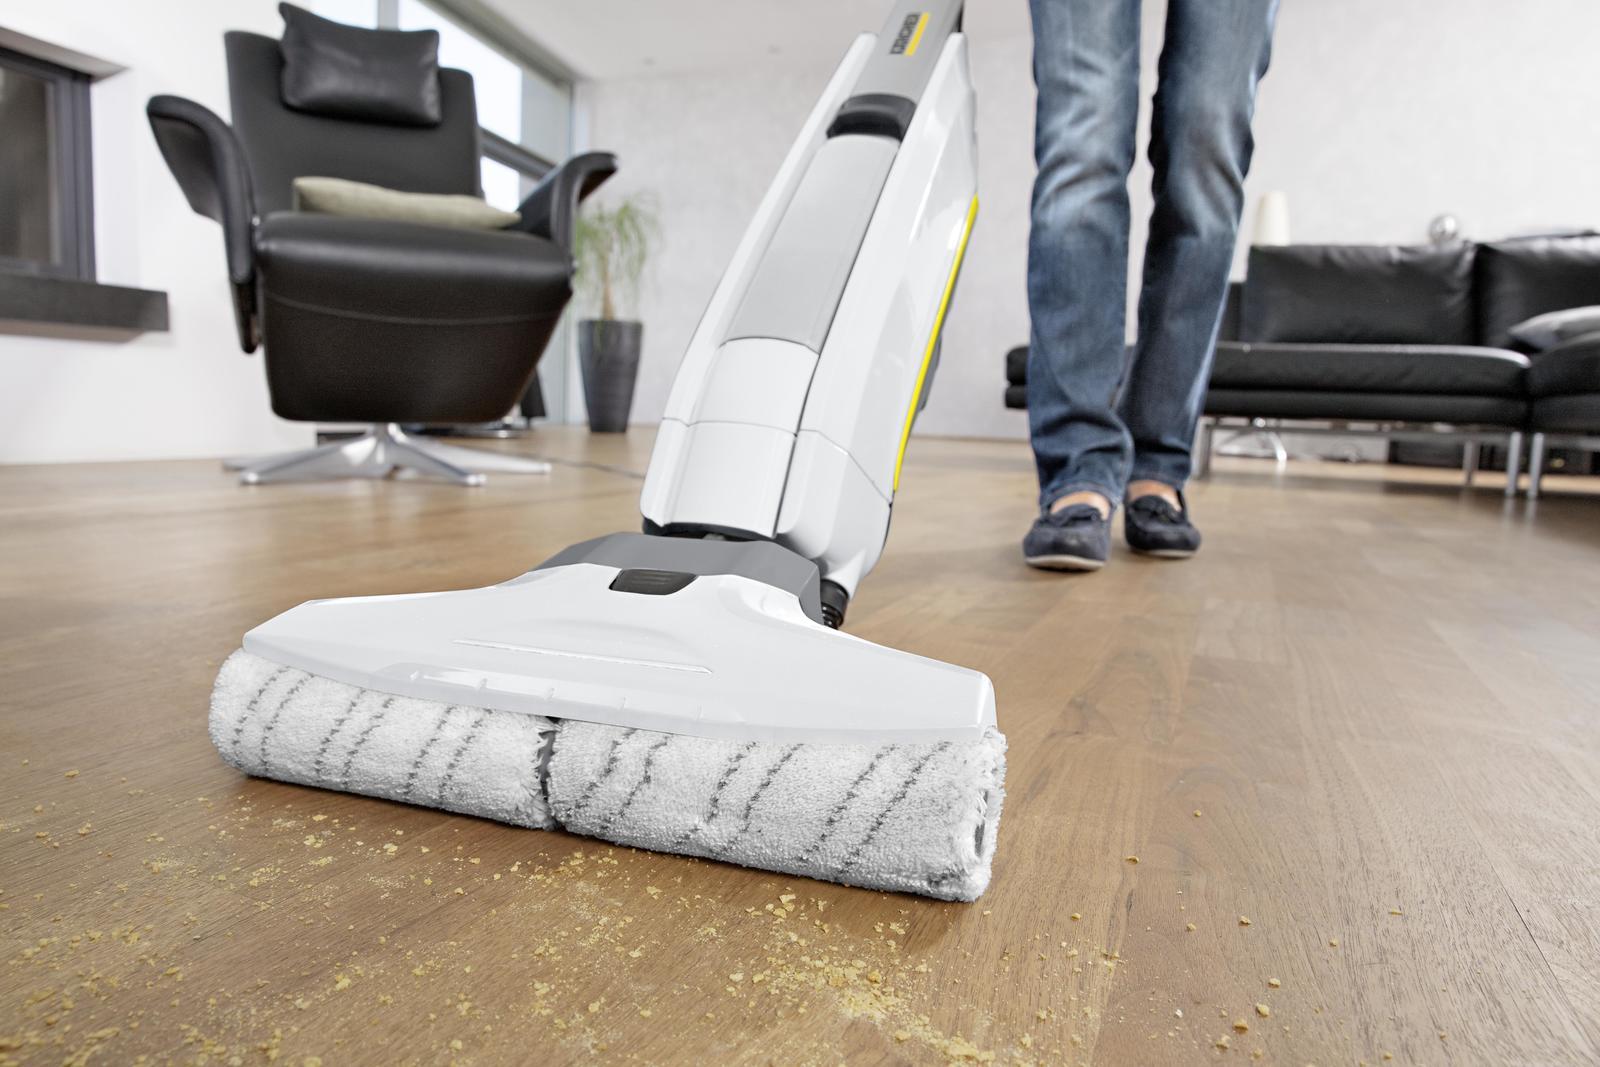 Fußboden Wischen ~ Putztipp pediküre für den fußboden kärcher